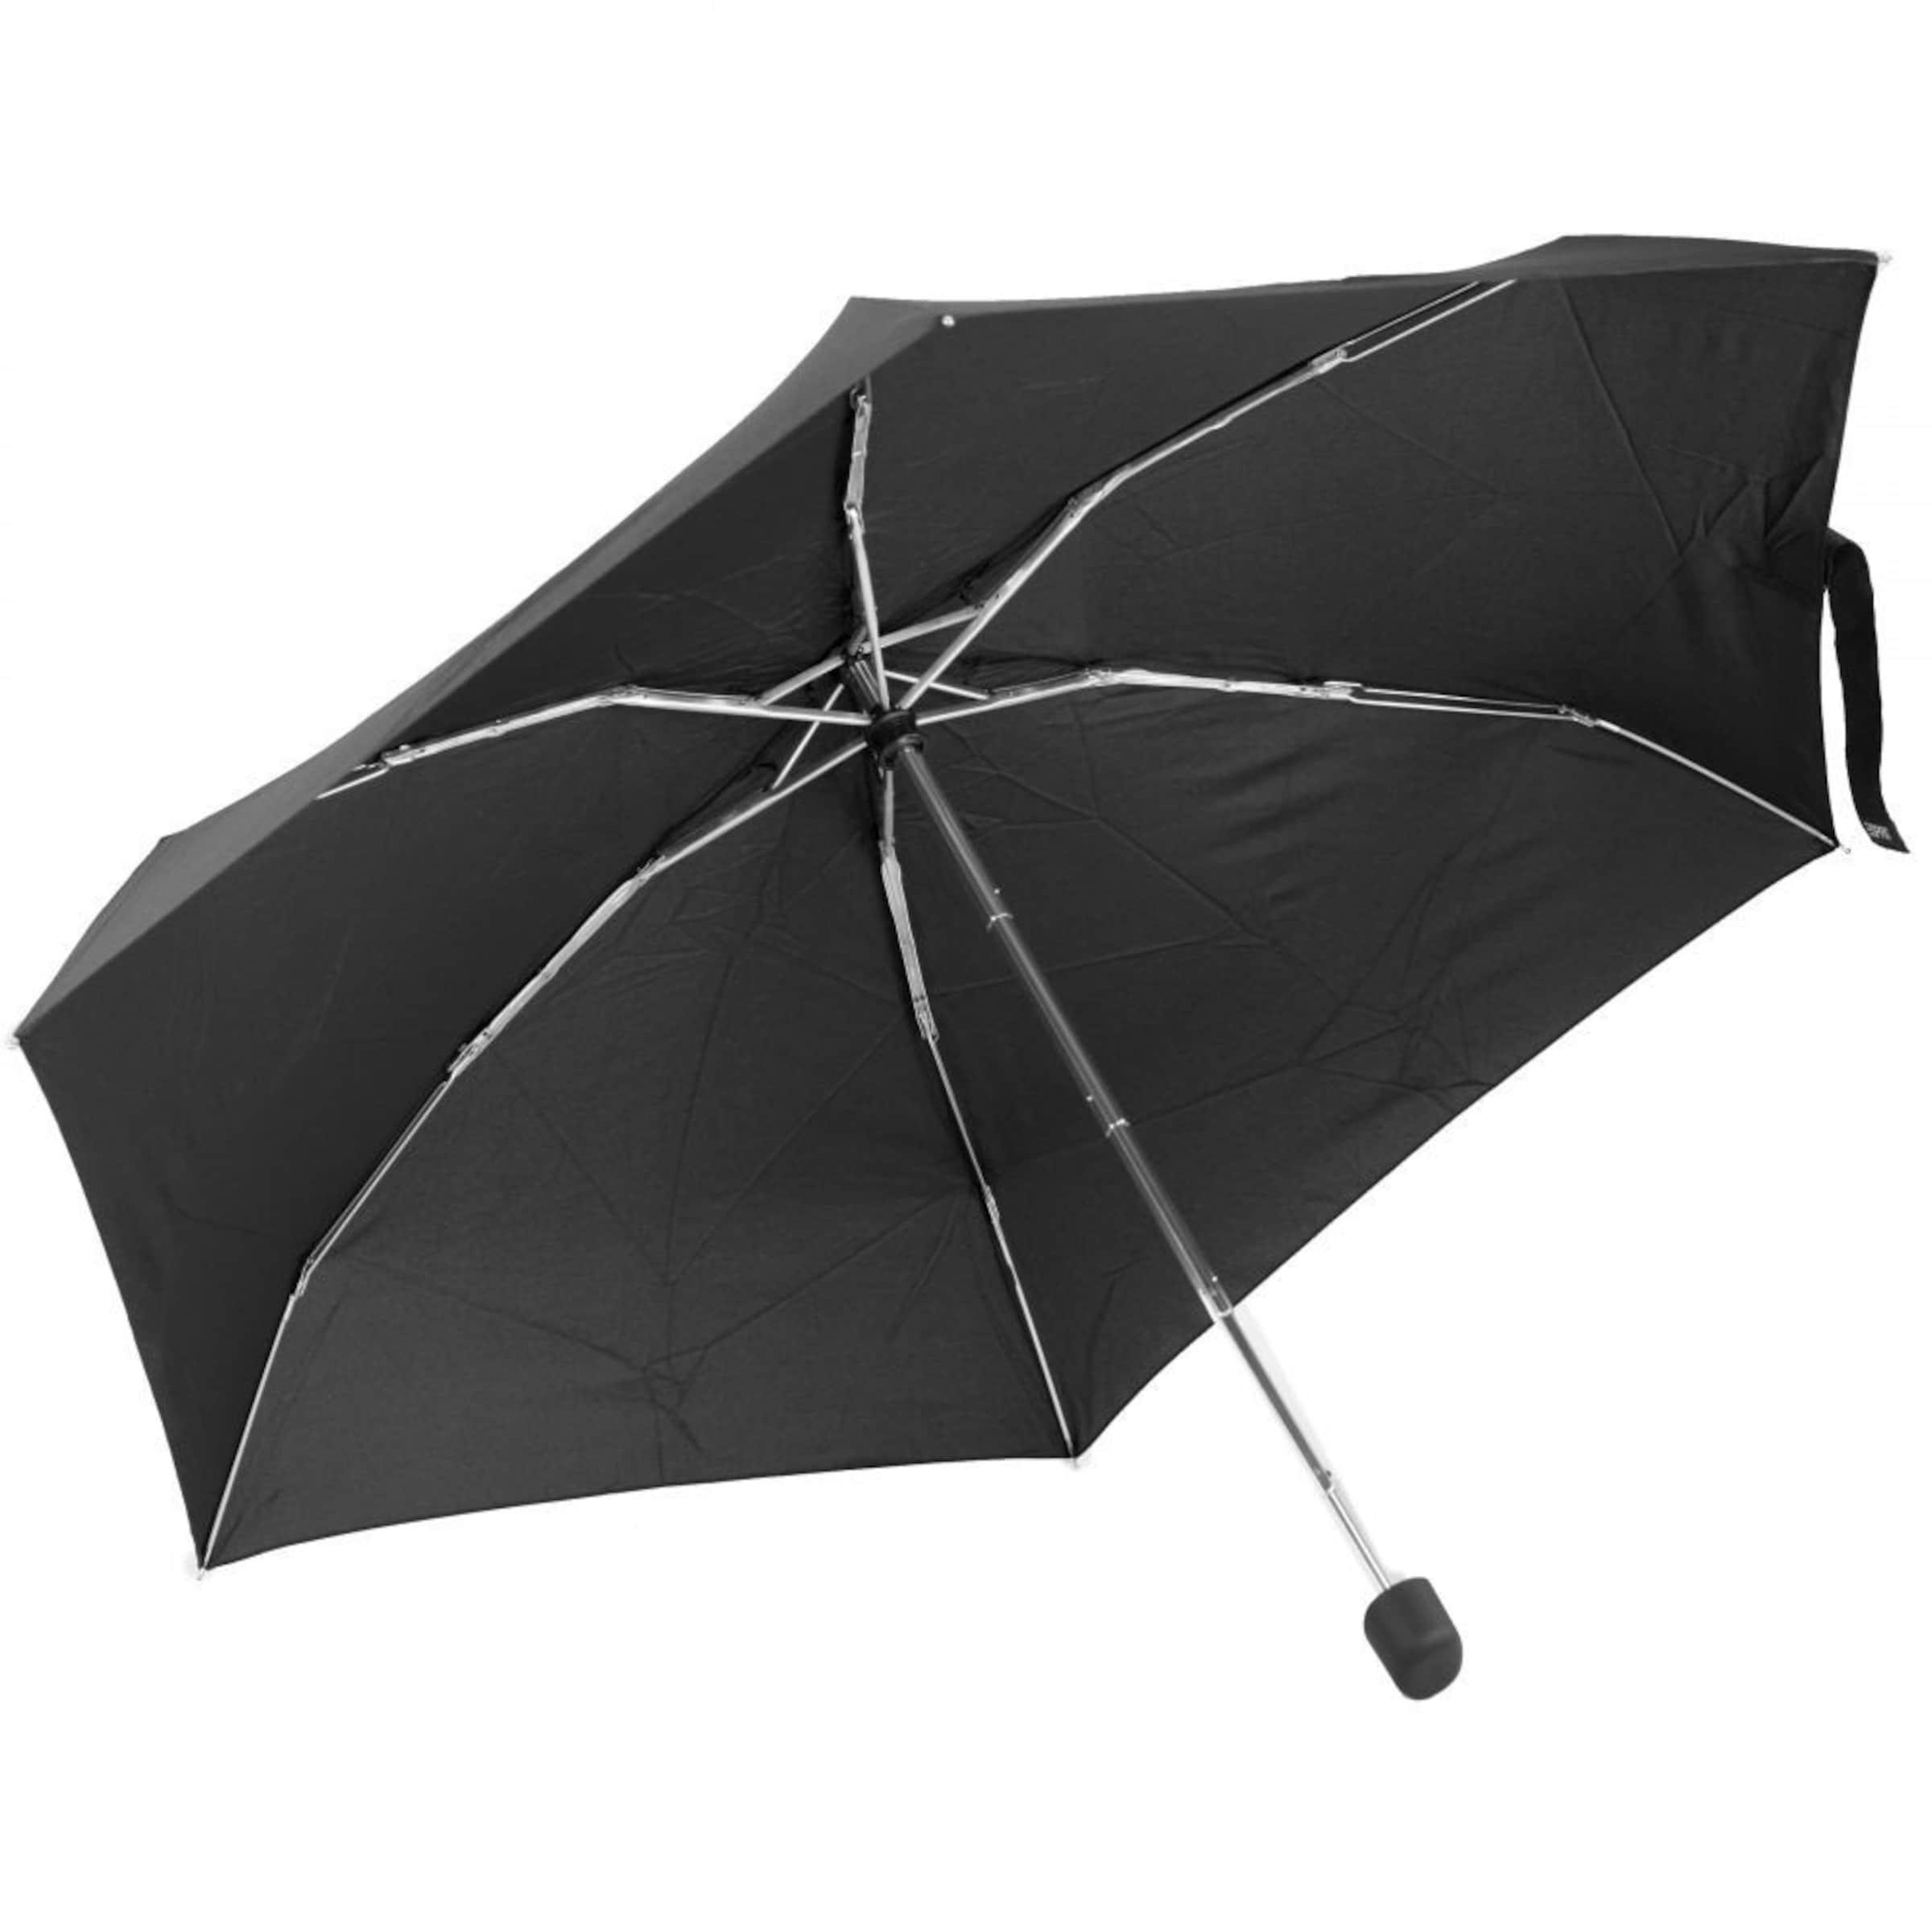 ESPRIT Esbrella Taschenschirm Softbox 18 cm Top-Qualität Günstig Online Rabatt Billig Billige Amazon Billig Verkauf 2018 Neuer Online-Verkauf RQ4BIxlGp